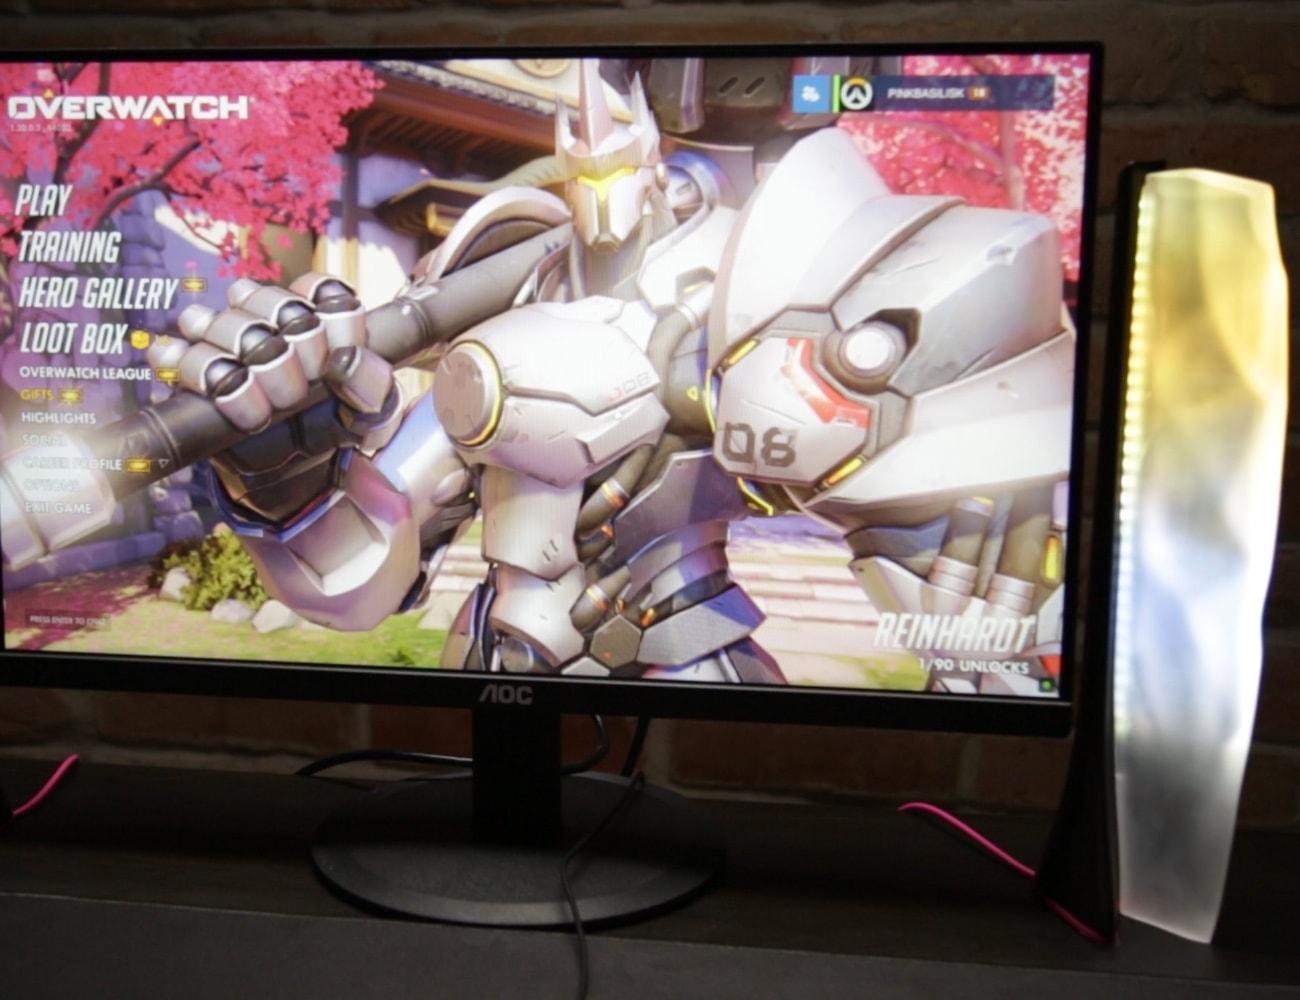 Pink Basilisk Gaming Light System